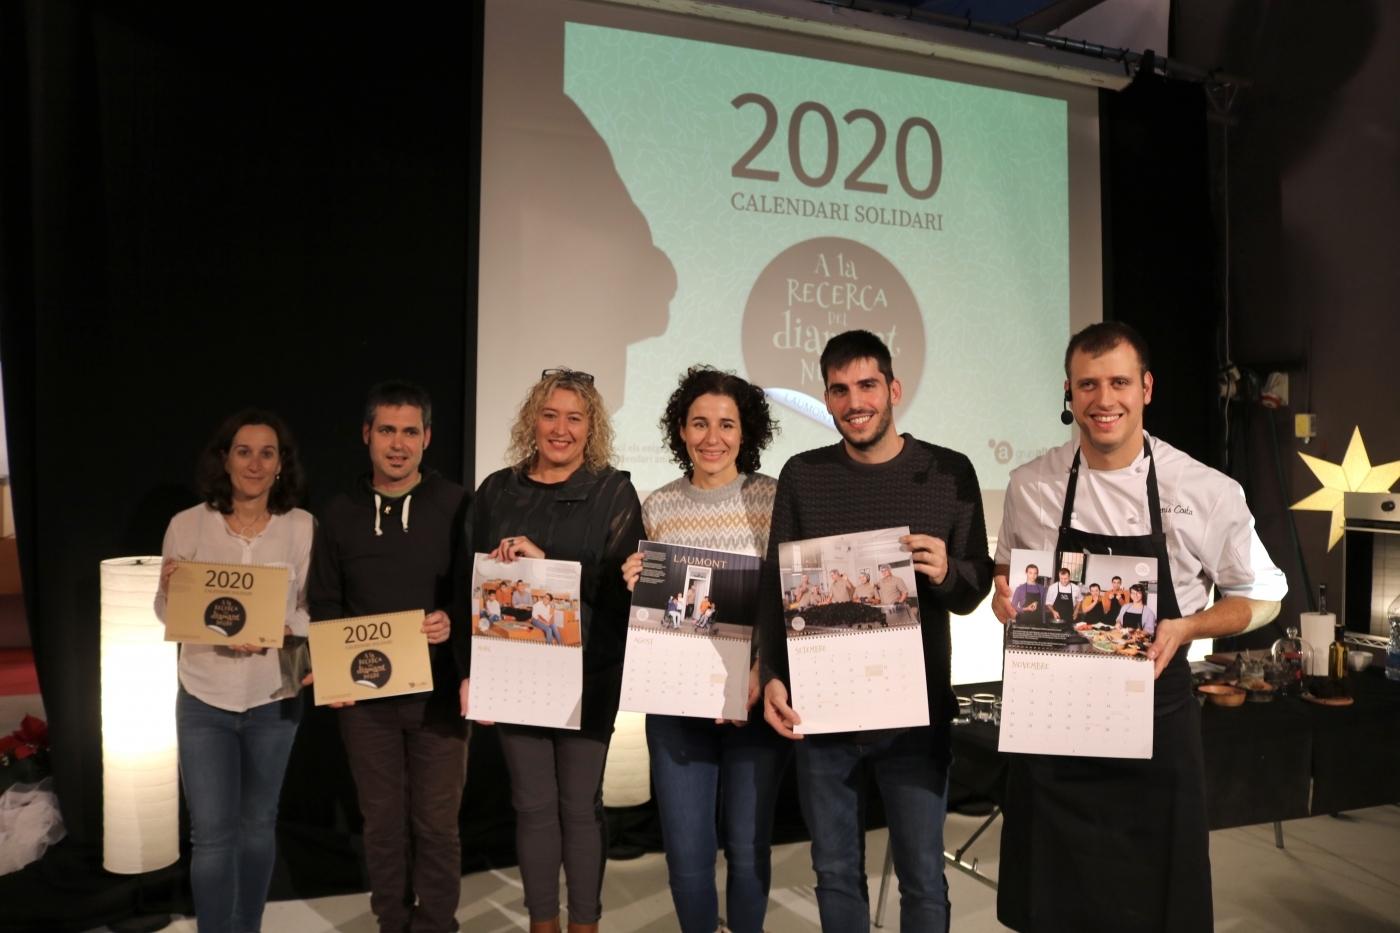 El Grup Alba presenta el seu calendari solidari, un conte amb enigmes i adhesius personalitzats.